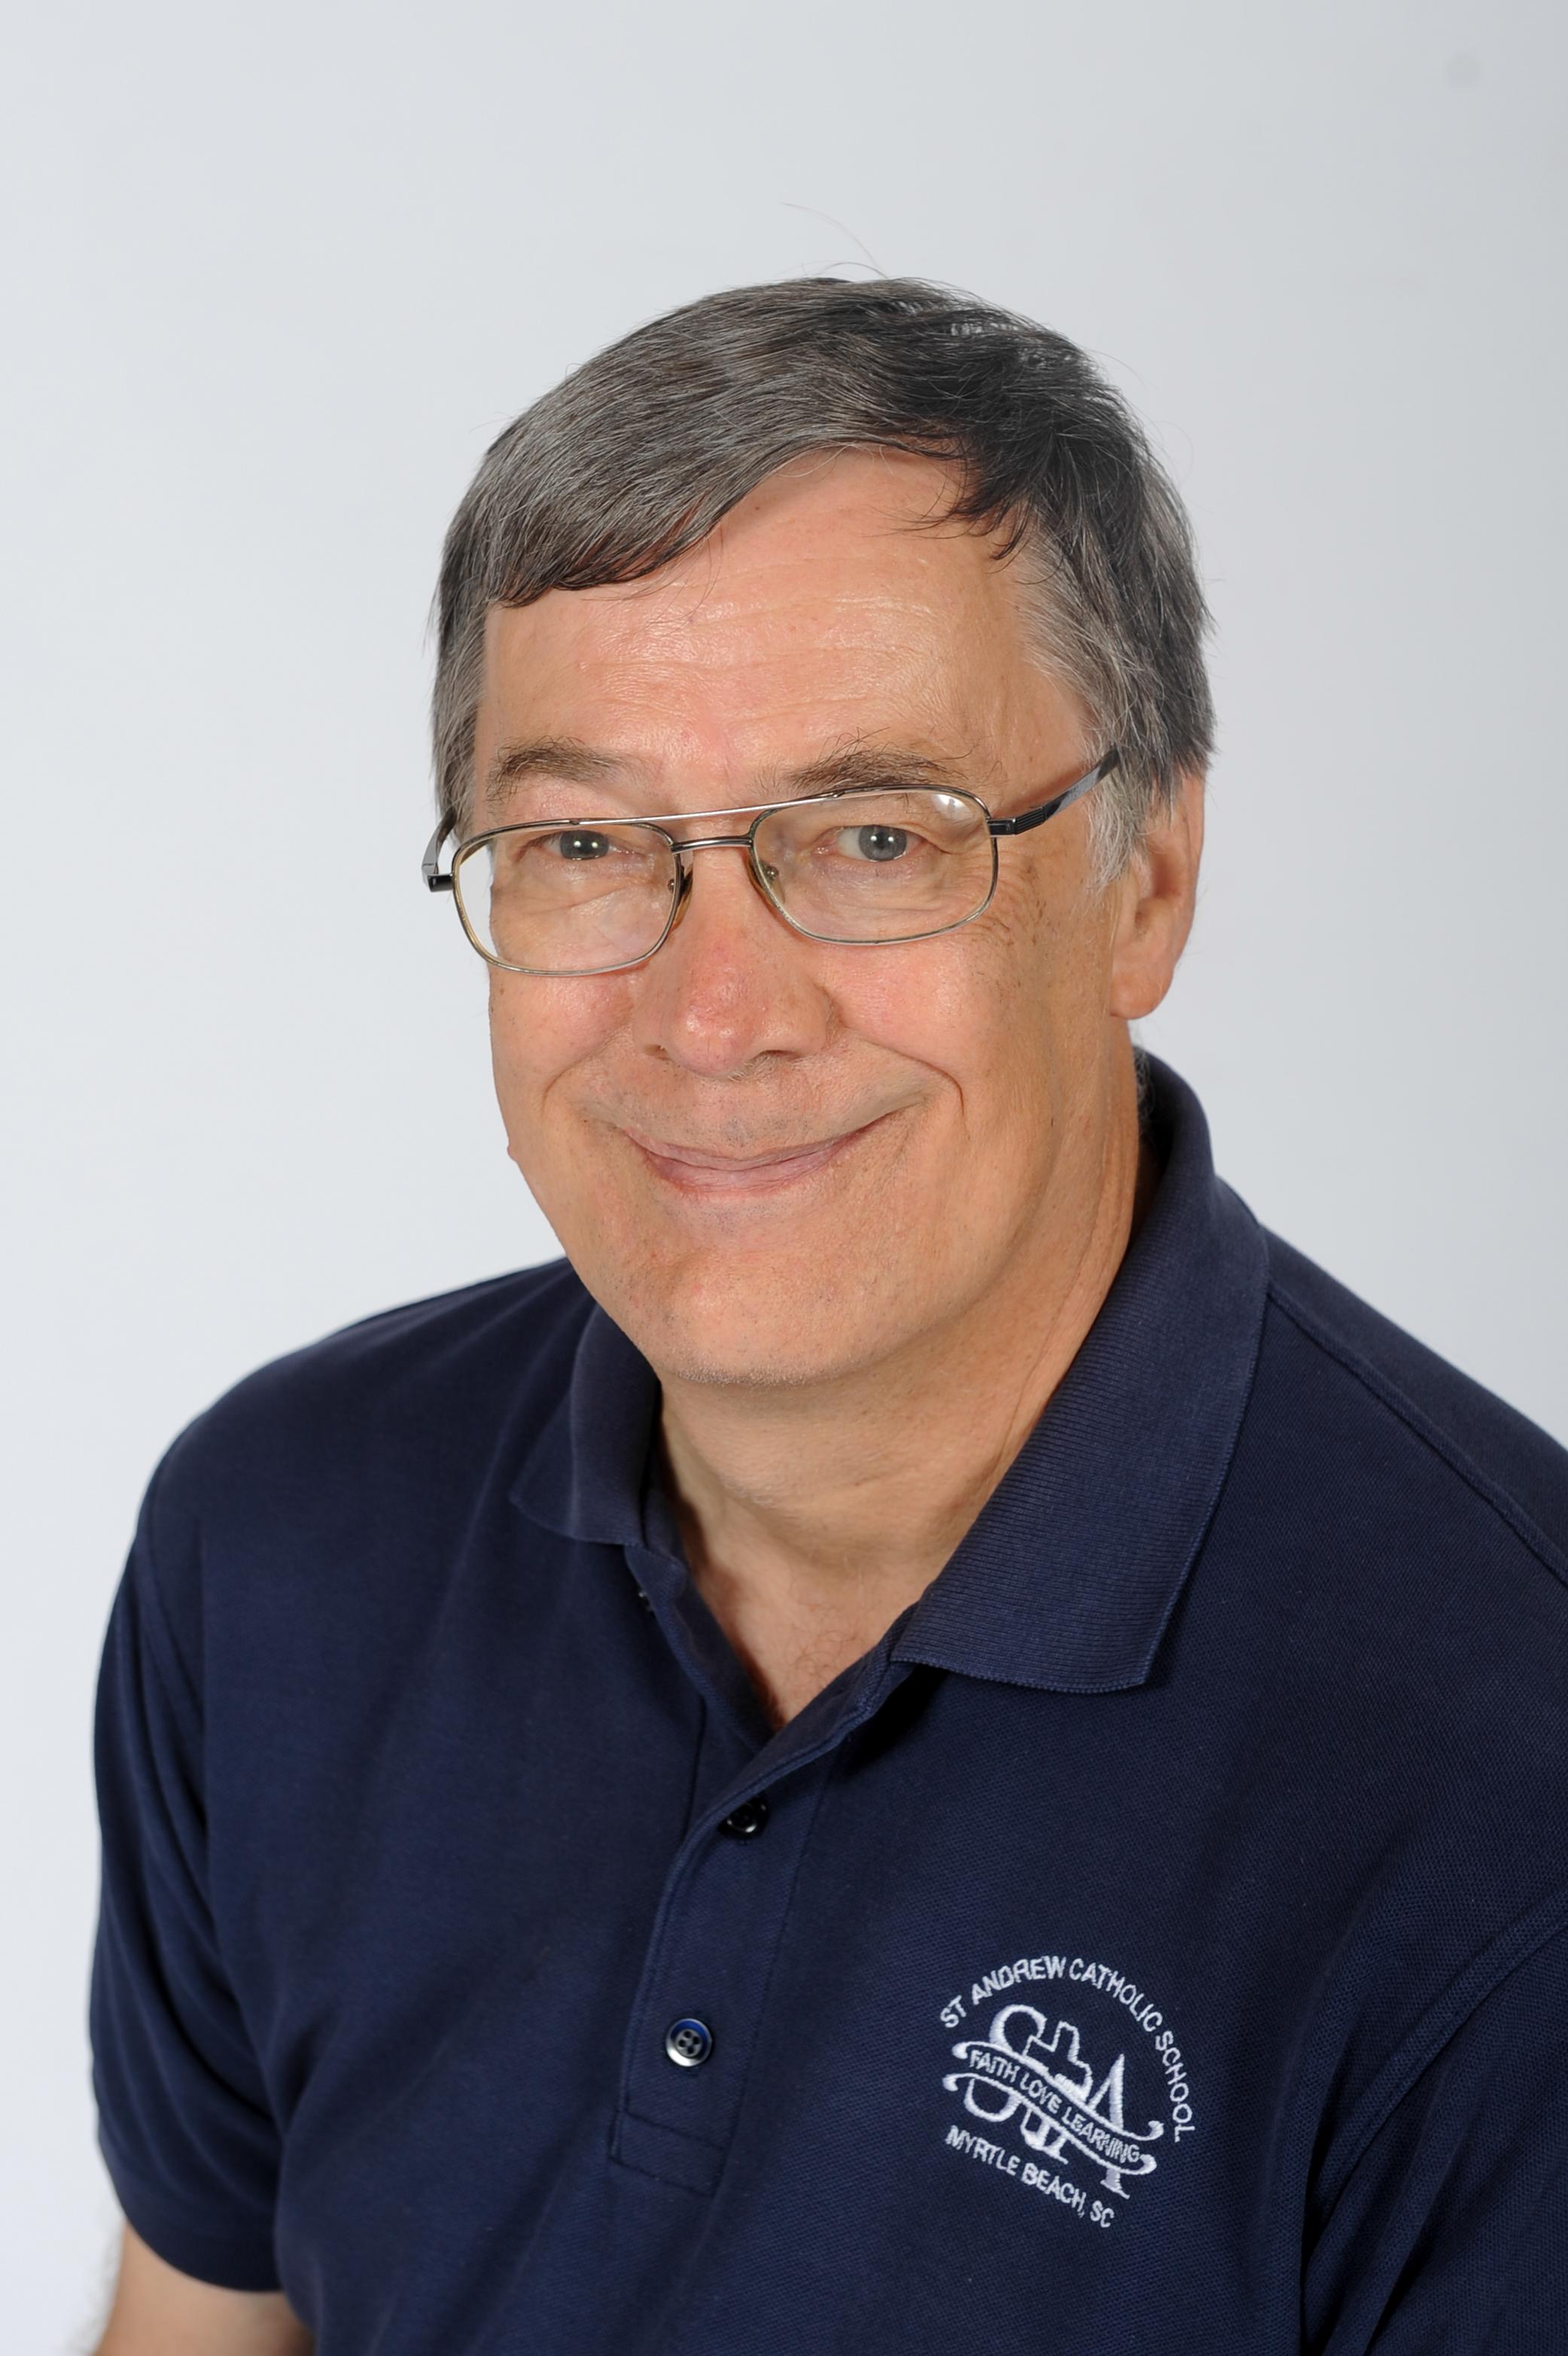 Jerry van der Horst